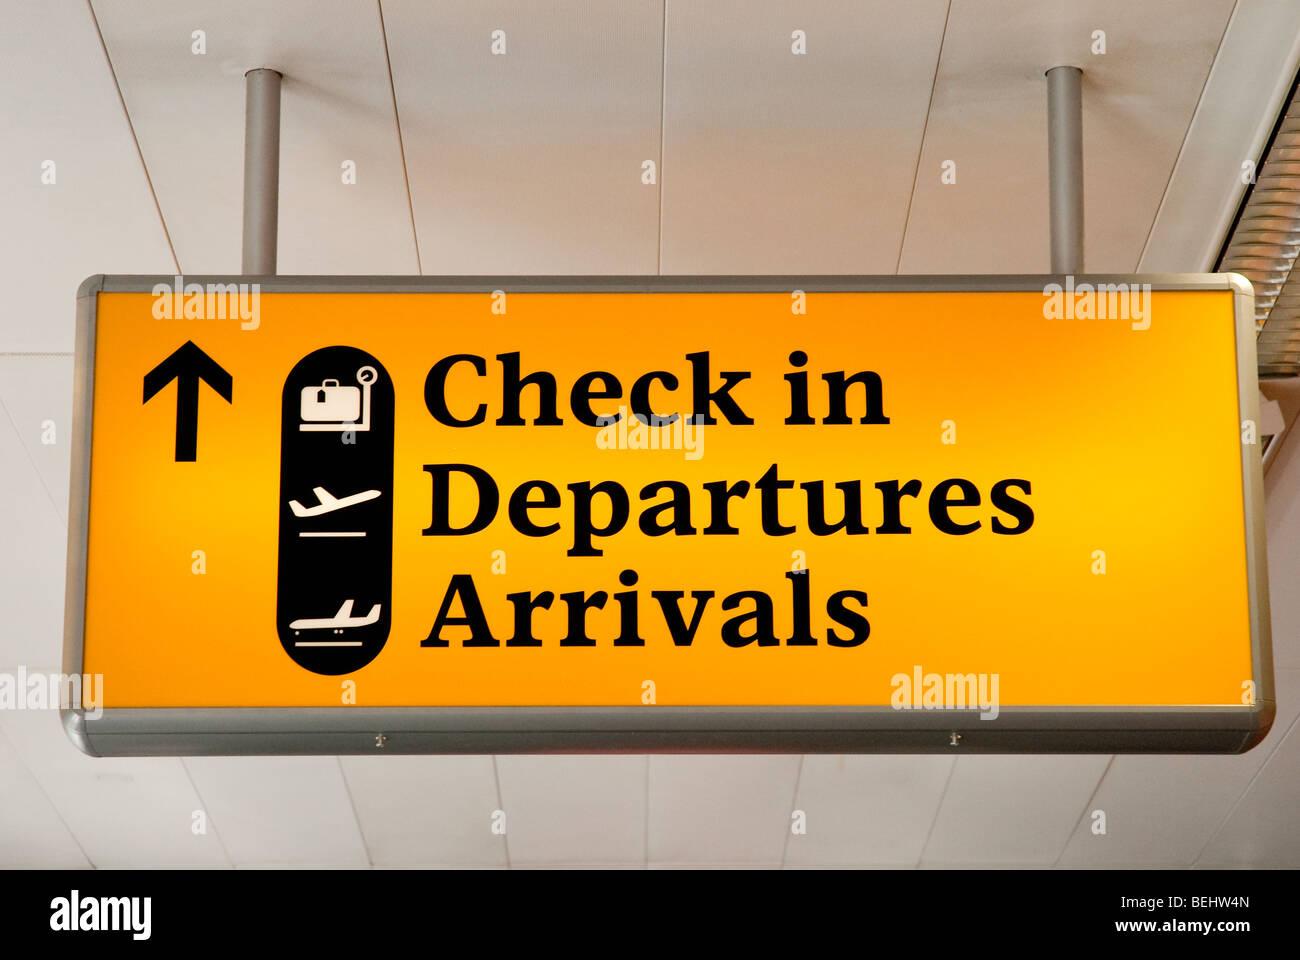 Flughafen Check-in, Abflüge, Ankünfte Zeichen Stockbild